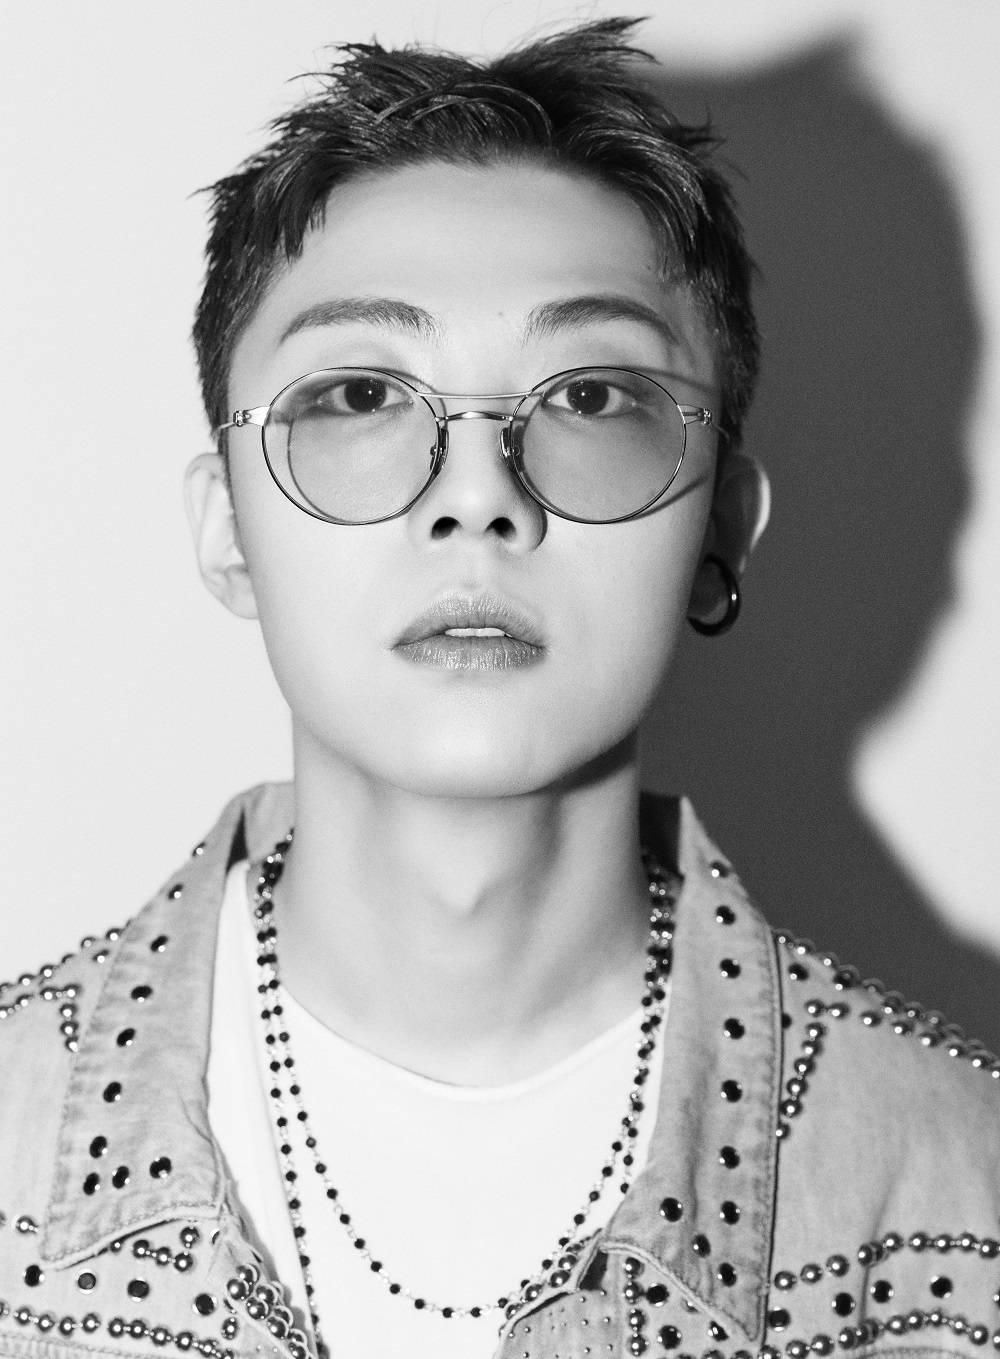 4일(금), 기리보이 웹툰 '스터디그룹' OST 'DIE DIE (Feat. 최엘비)' 발매   인스티즈